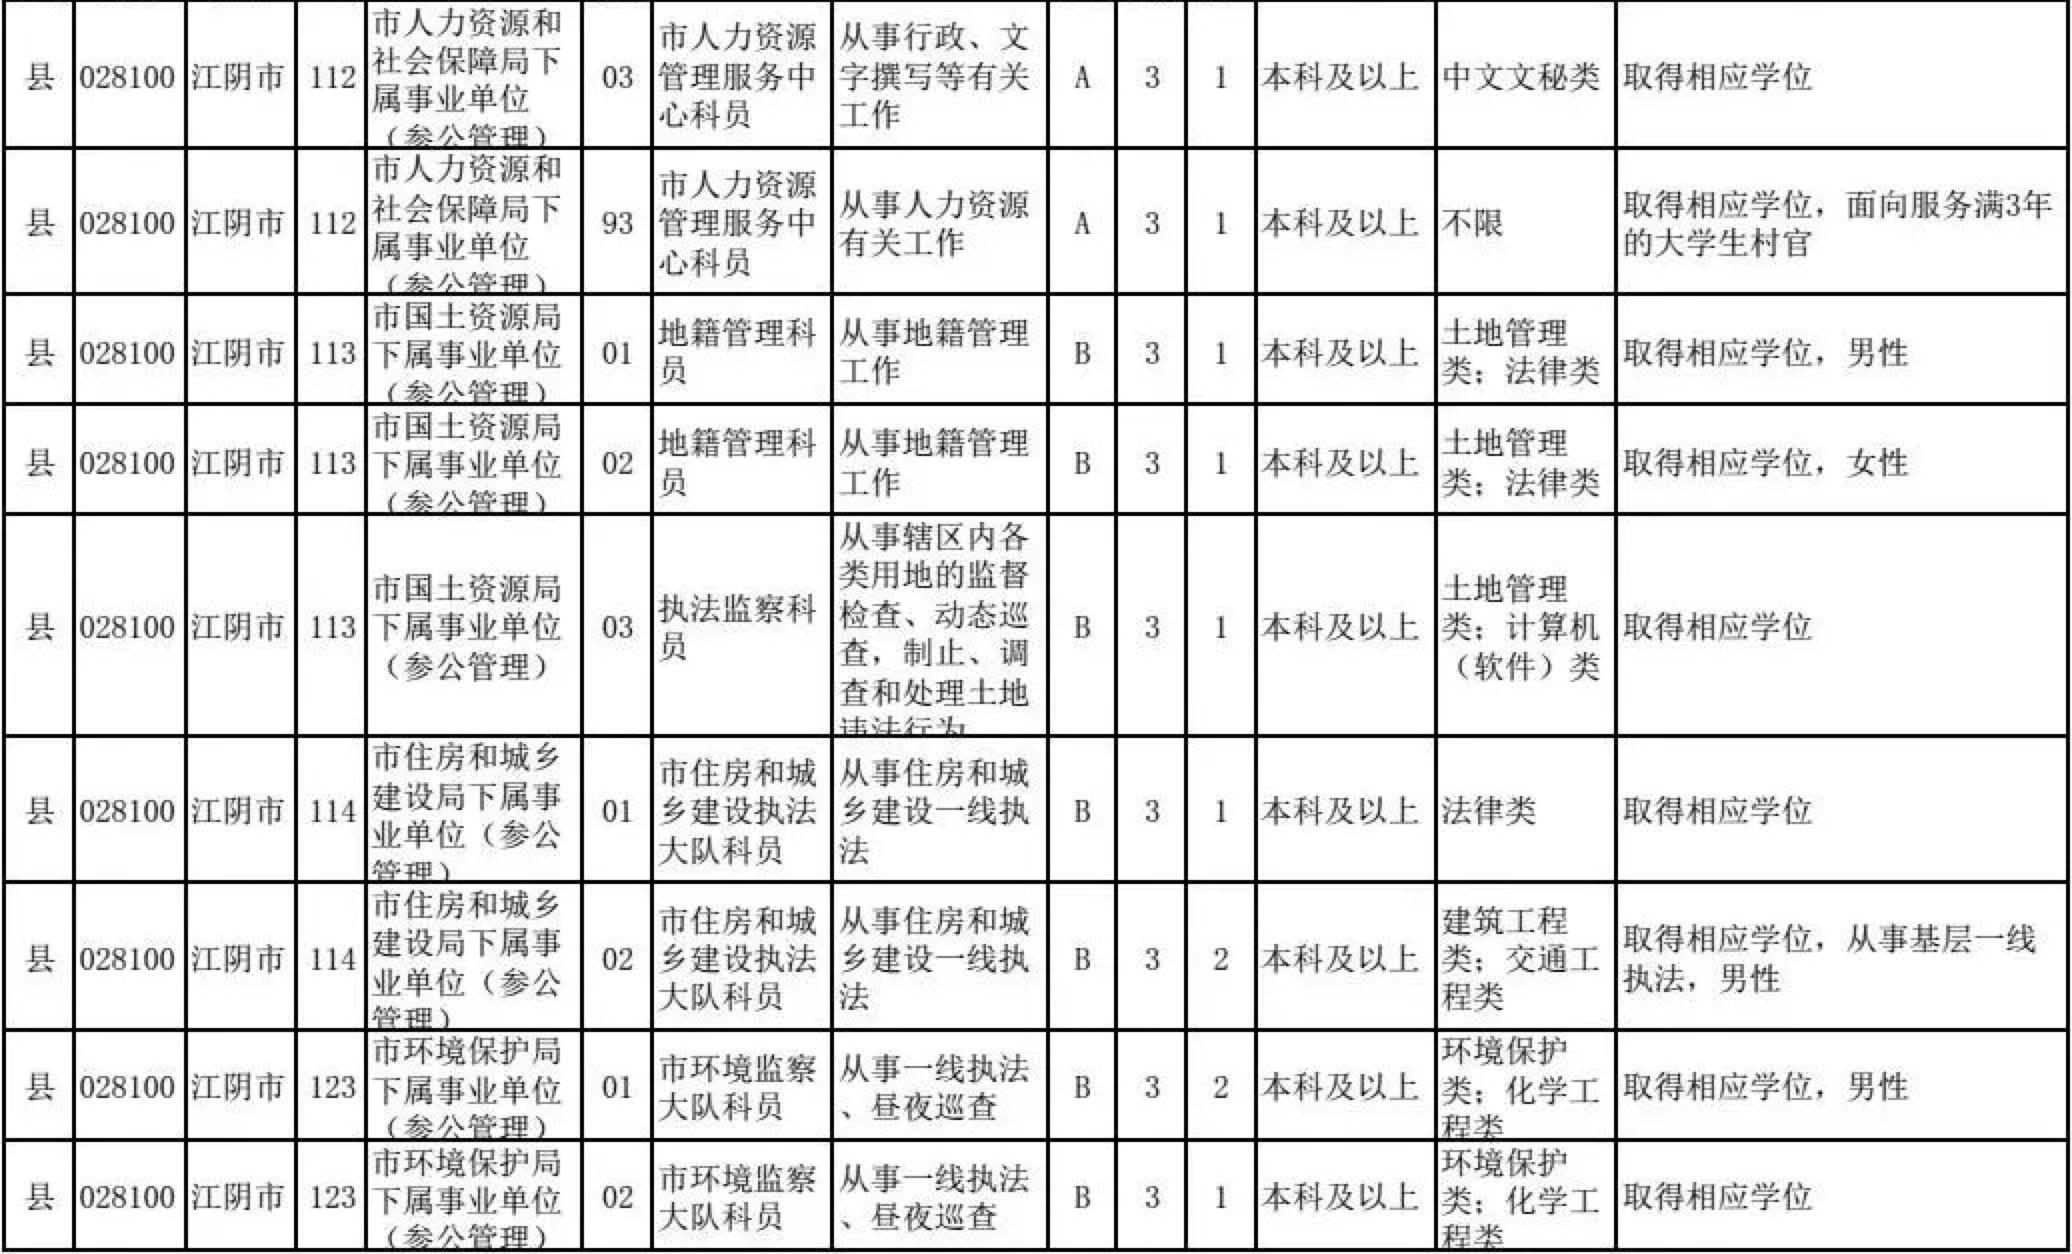 省考来啦!今年江阴市82个岗位招录97人,职位表全在这里!